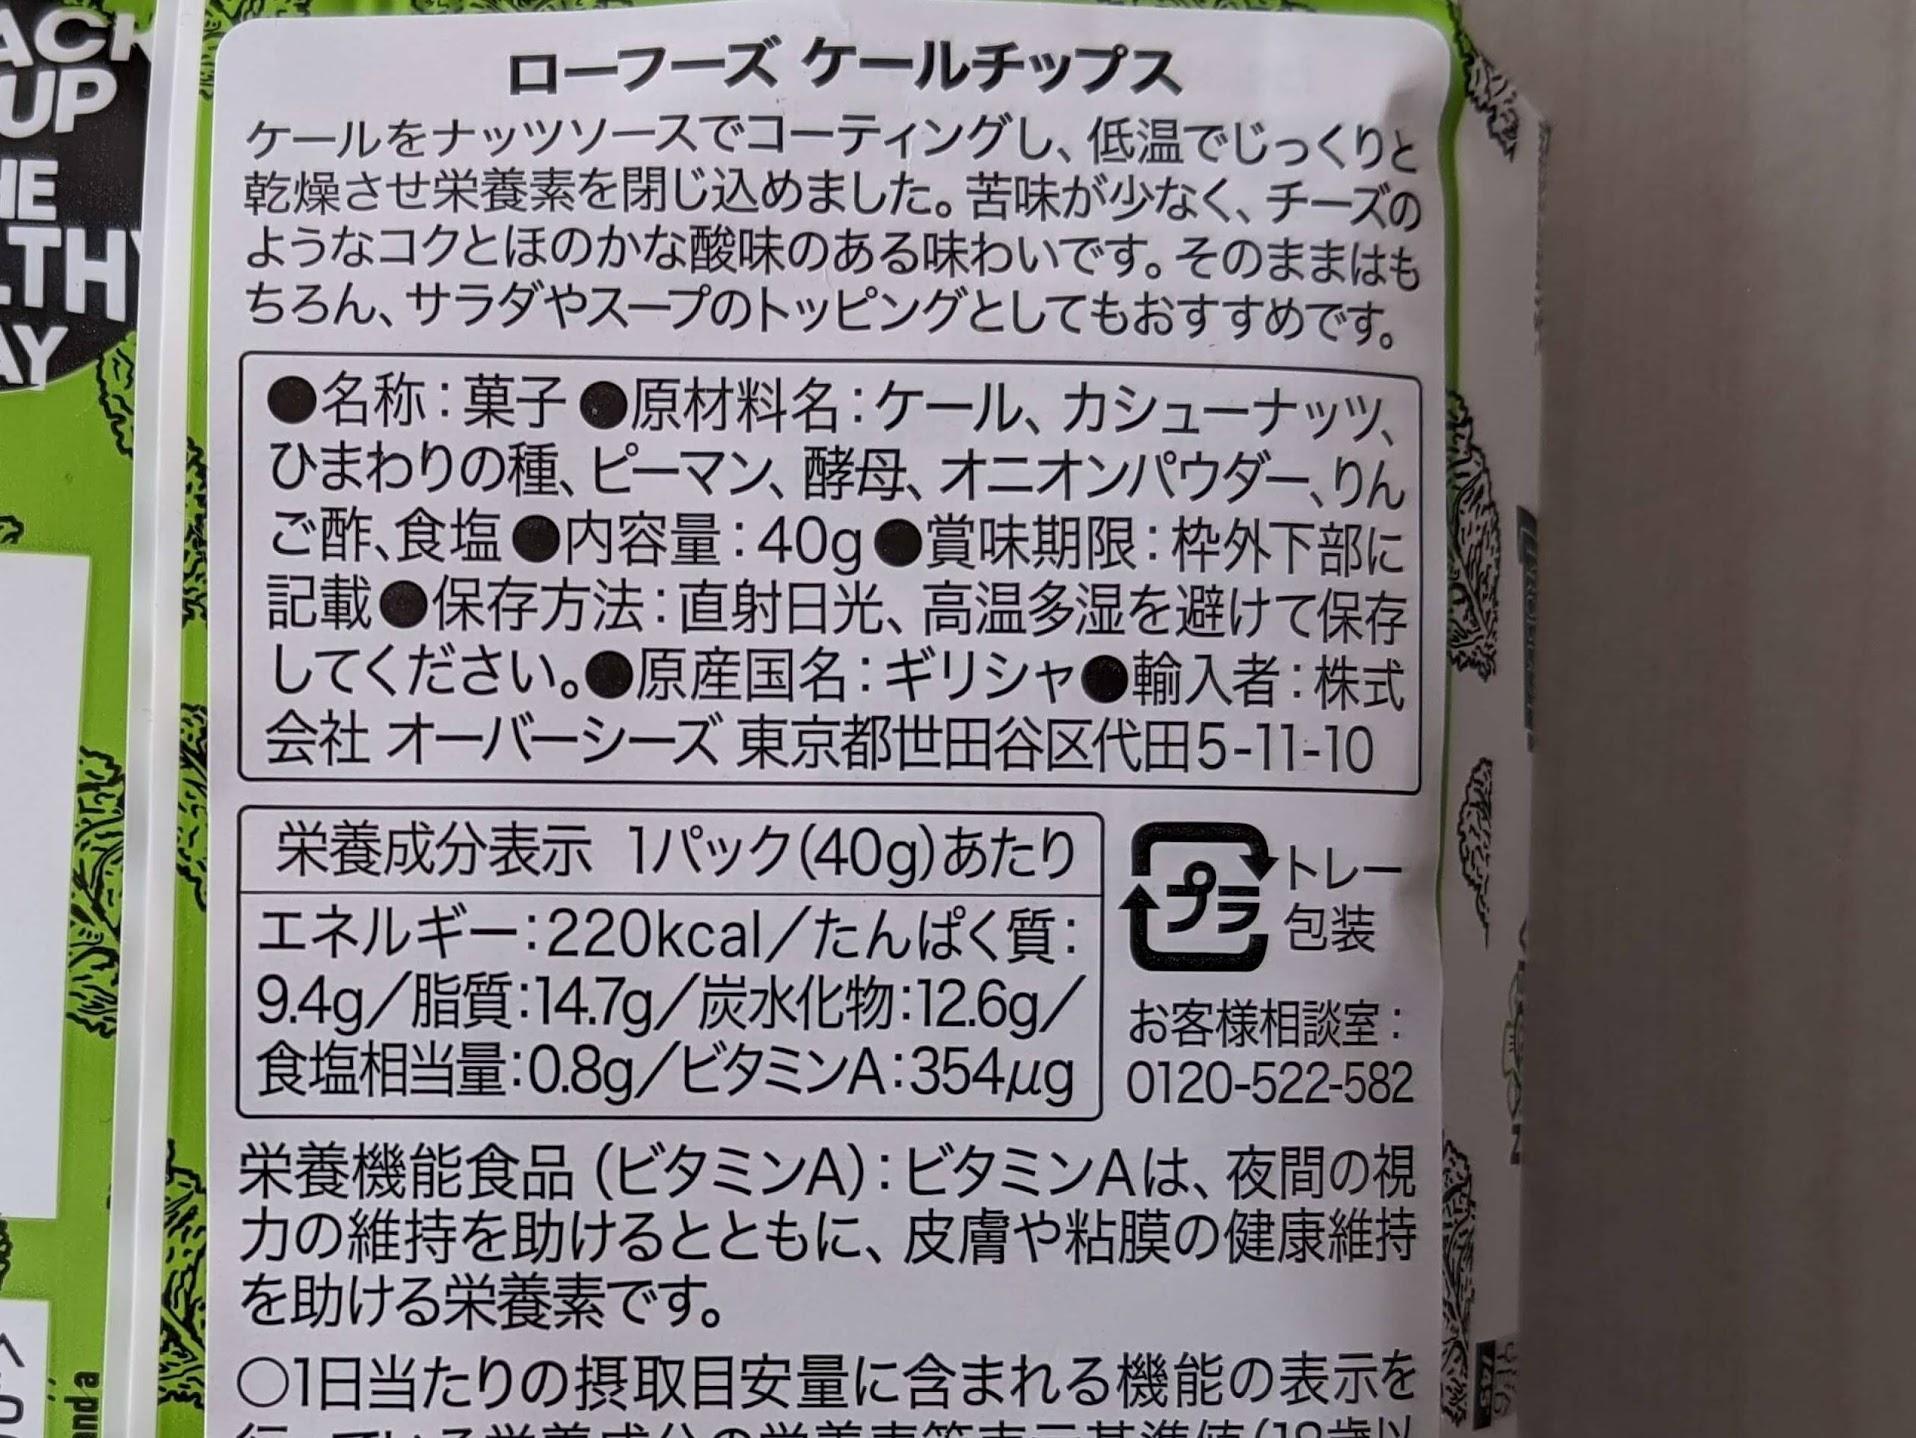 ローフーズ ケールチップス 栄養成分表示